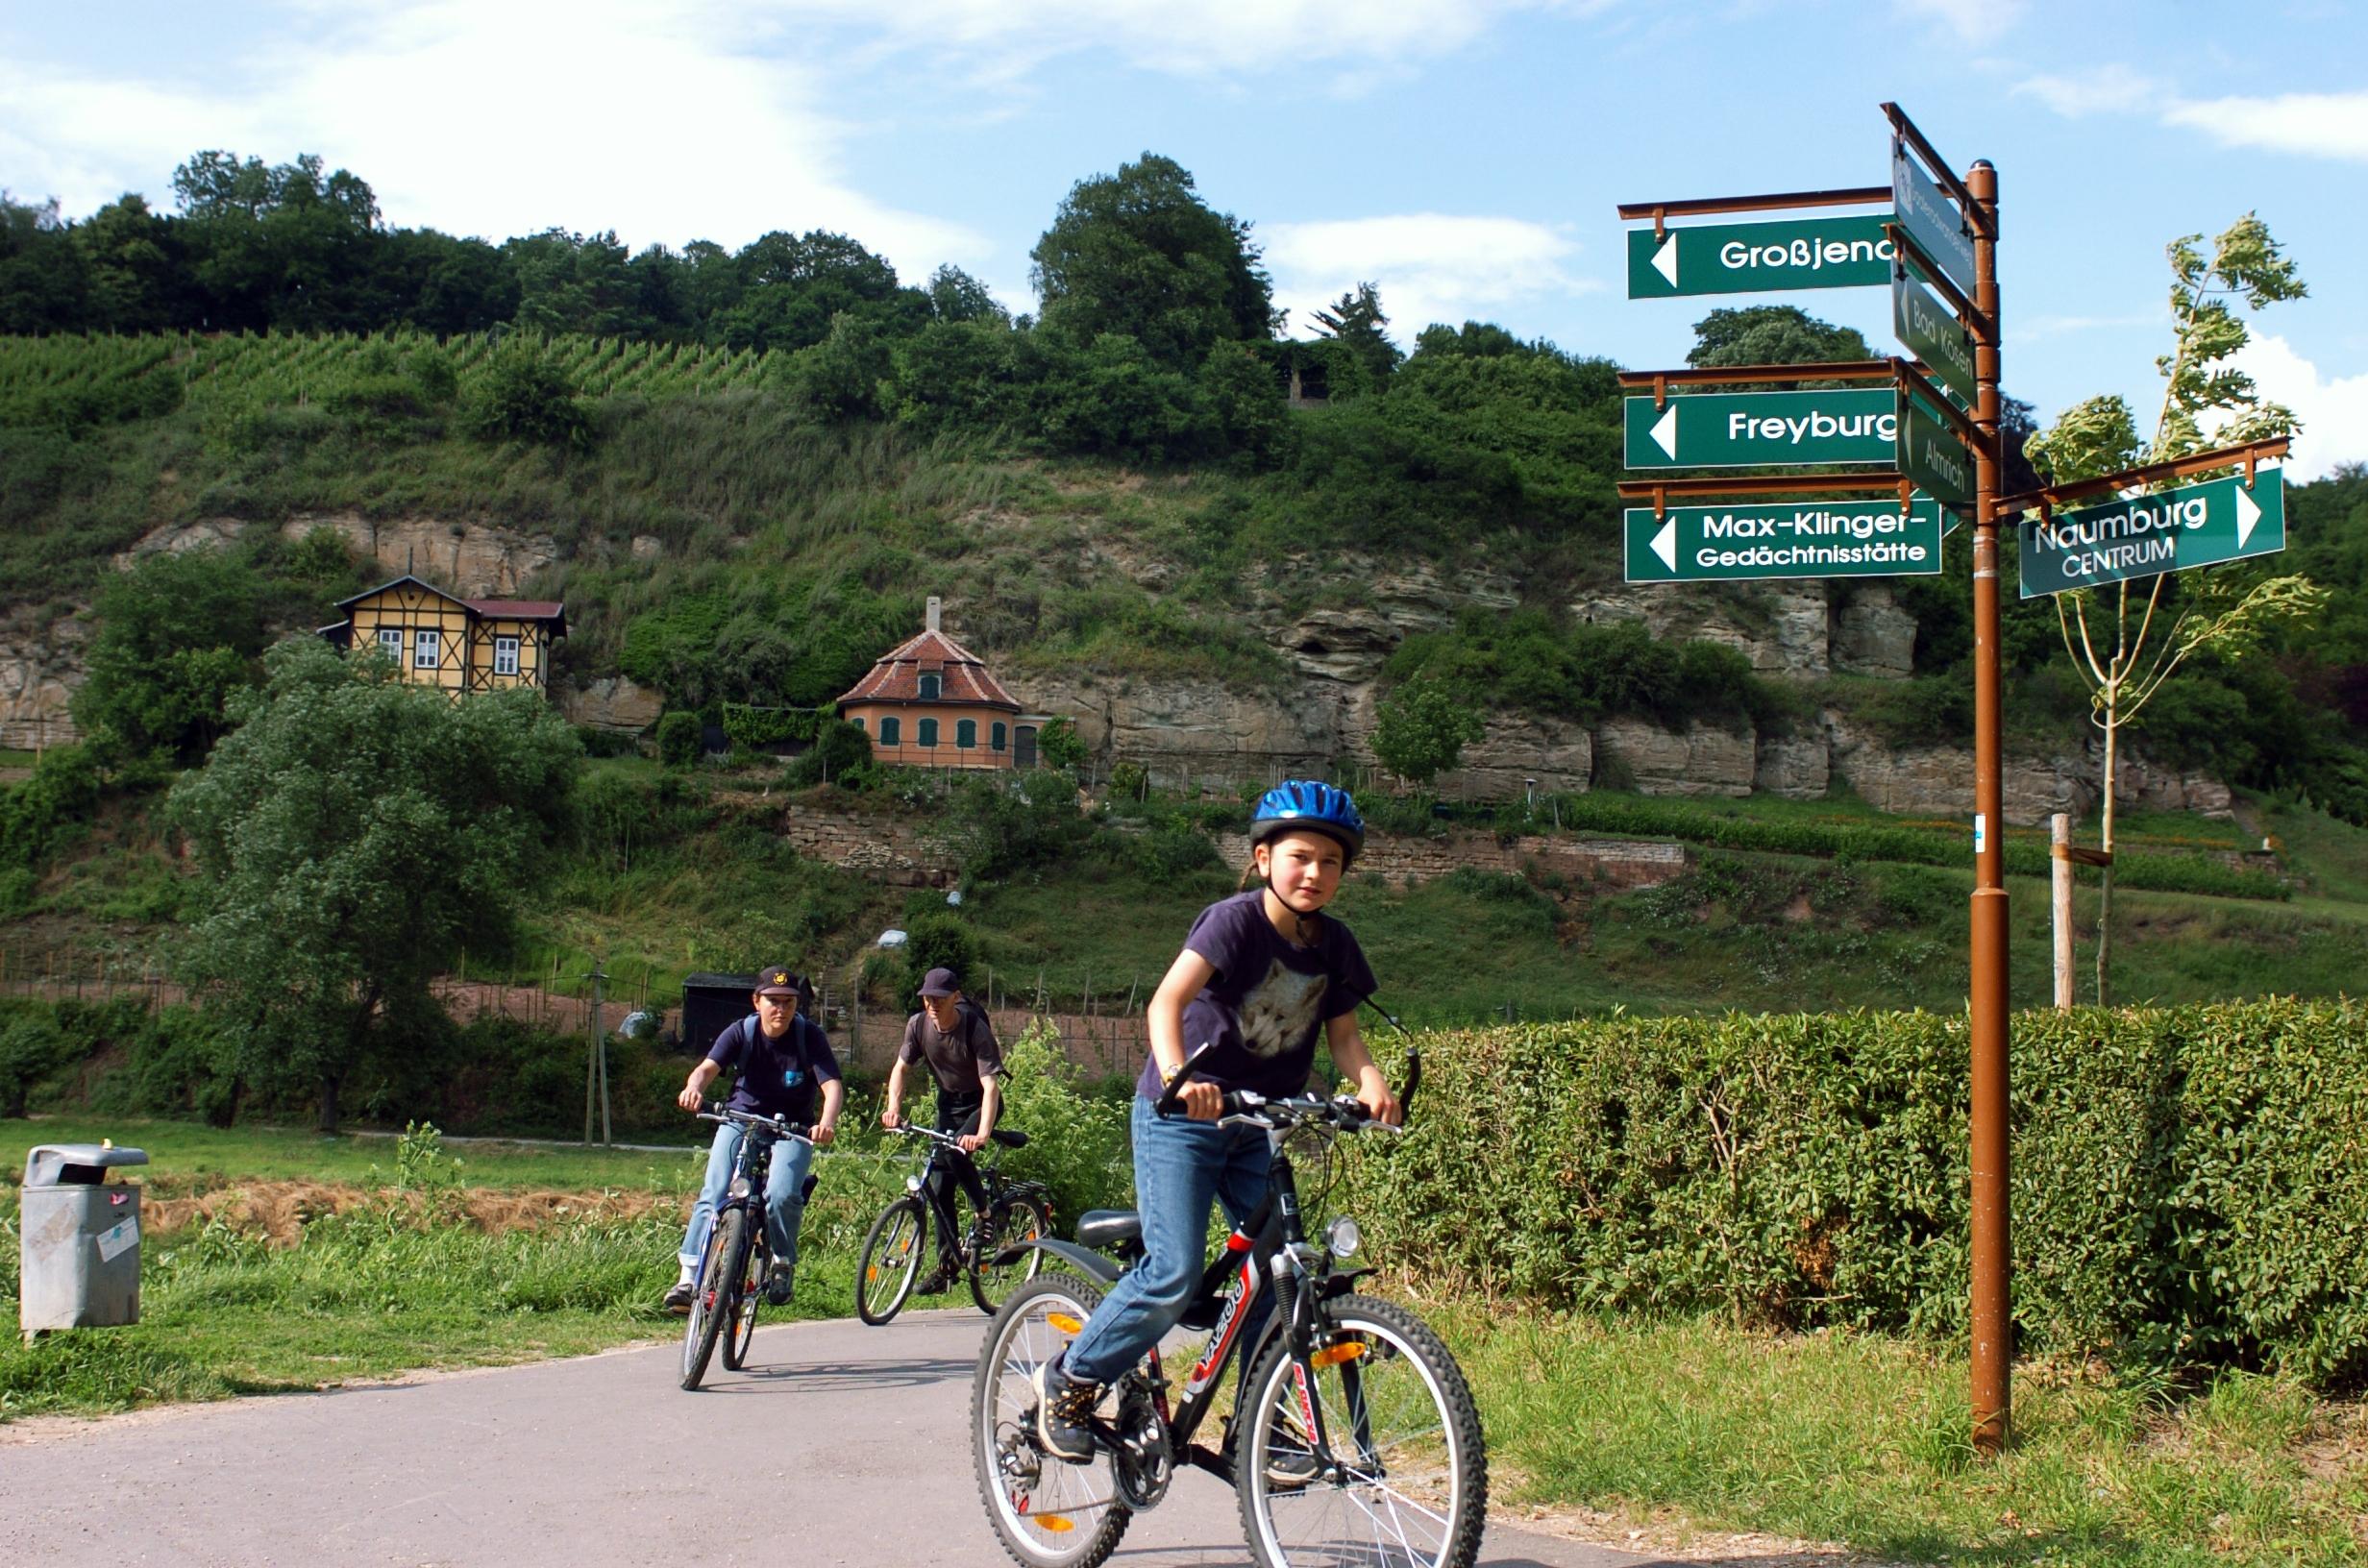 radler saale bilder sut © Saale-Unstrut-Tourismus e.V.